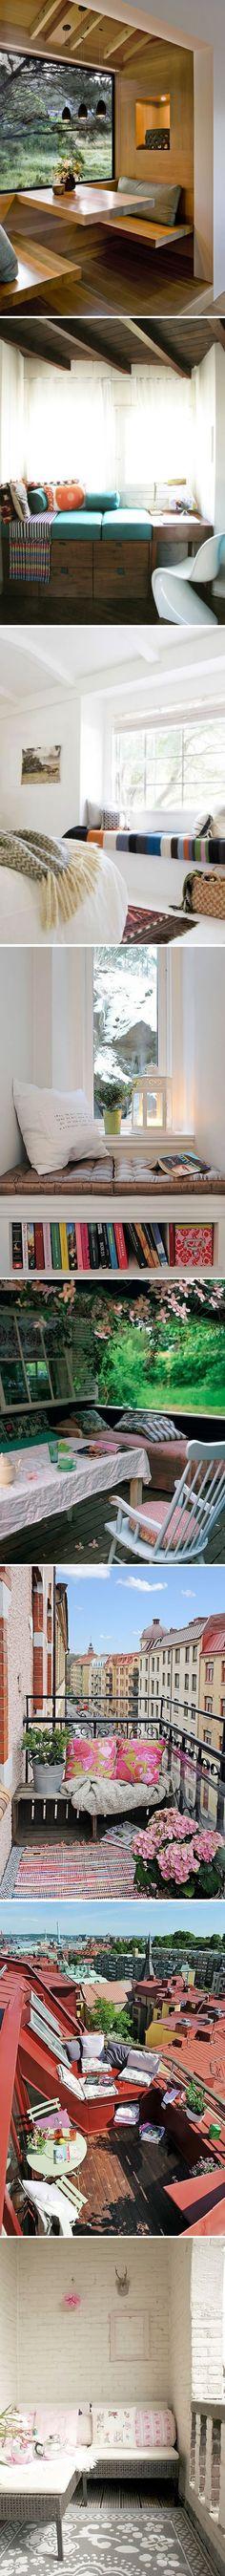 Some great cozy balcony ideas..